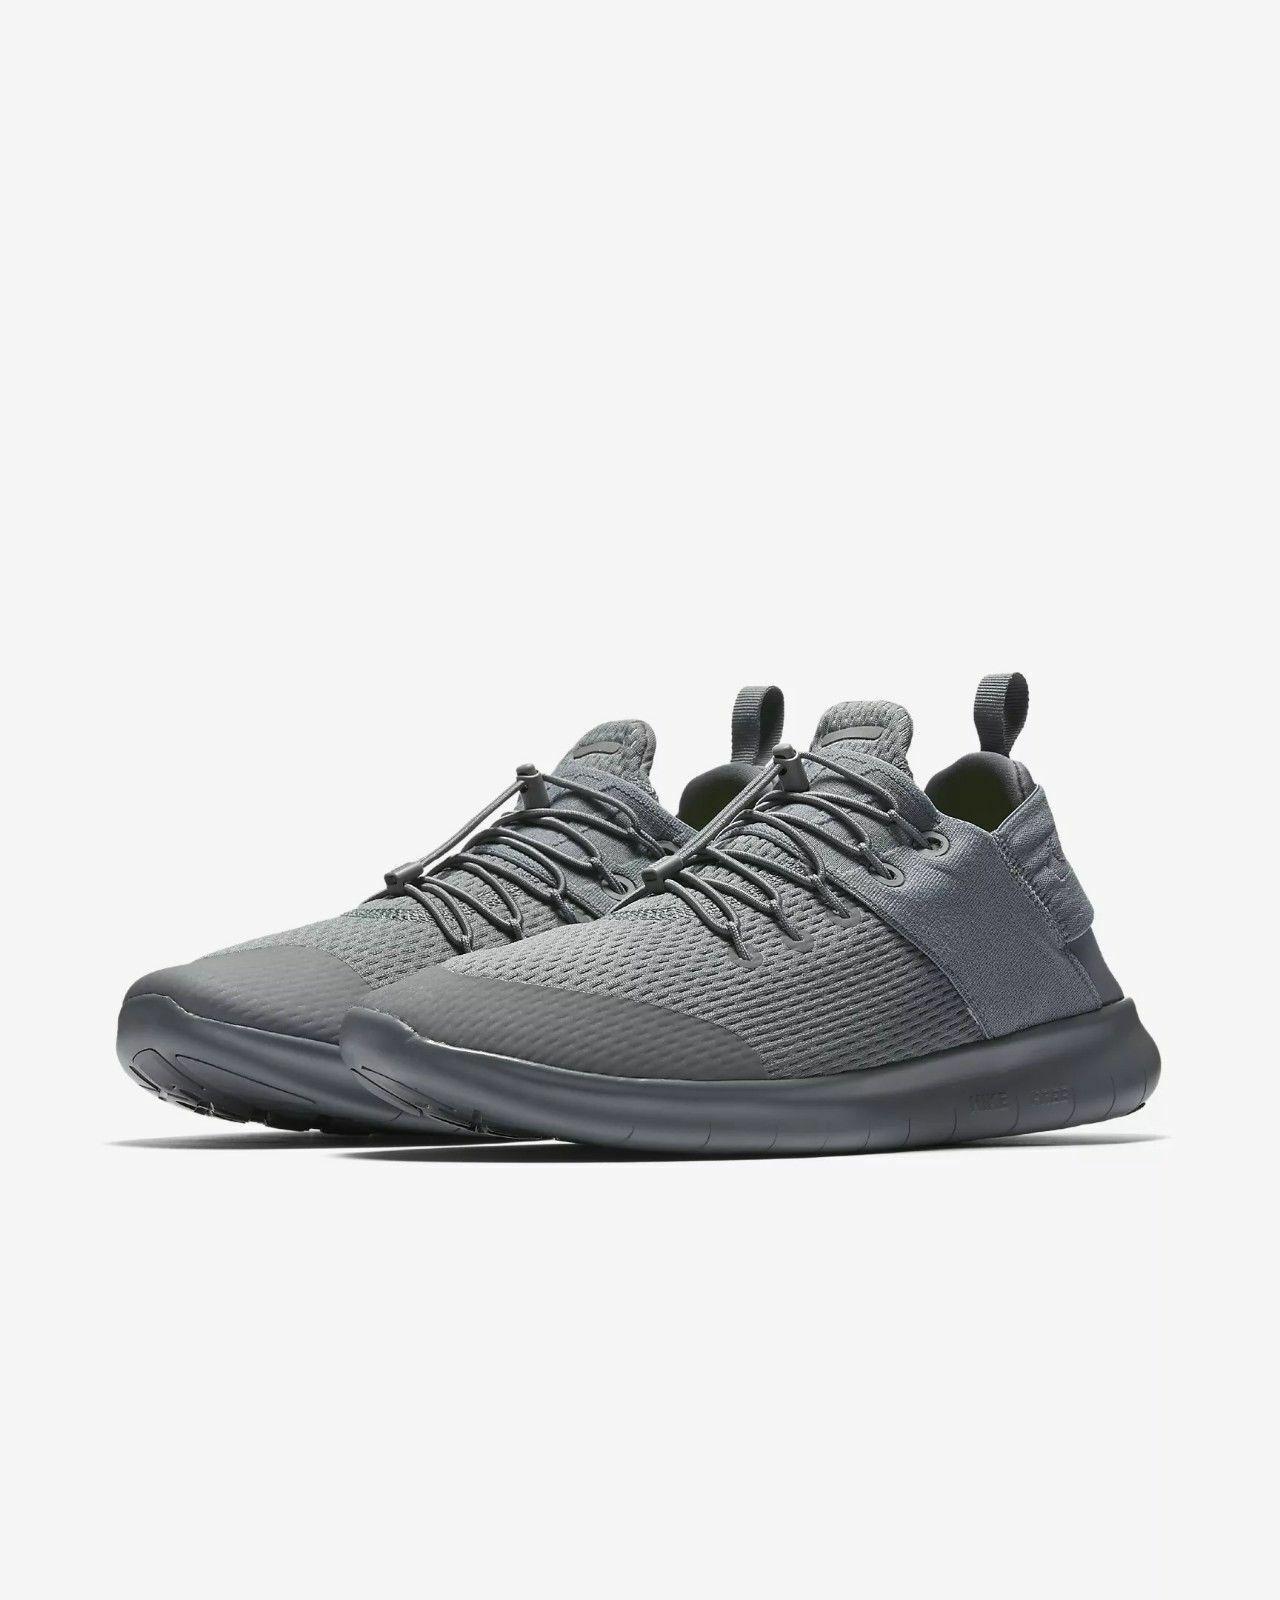 Nike Free RN Commuter 2017 Premium BlackDesert Moss AA2430 002 Men's 11